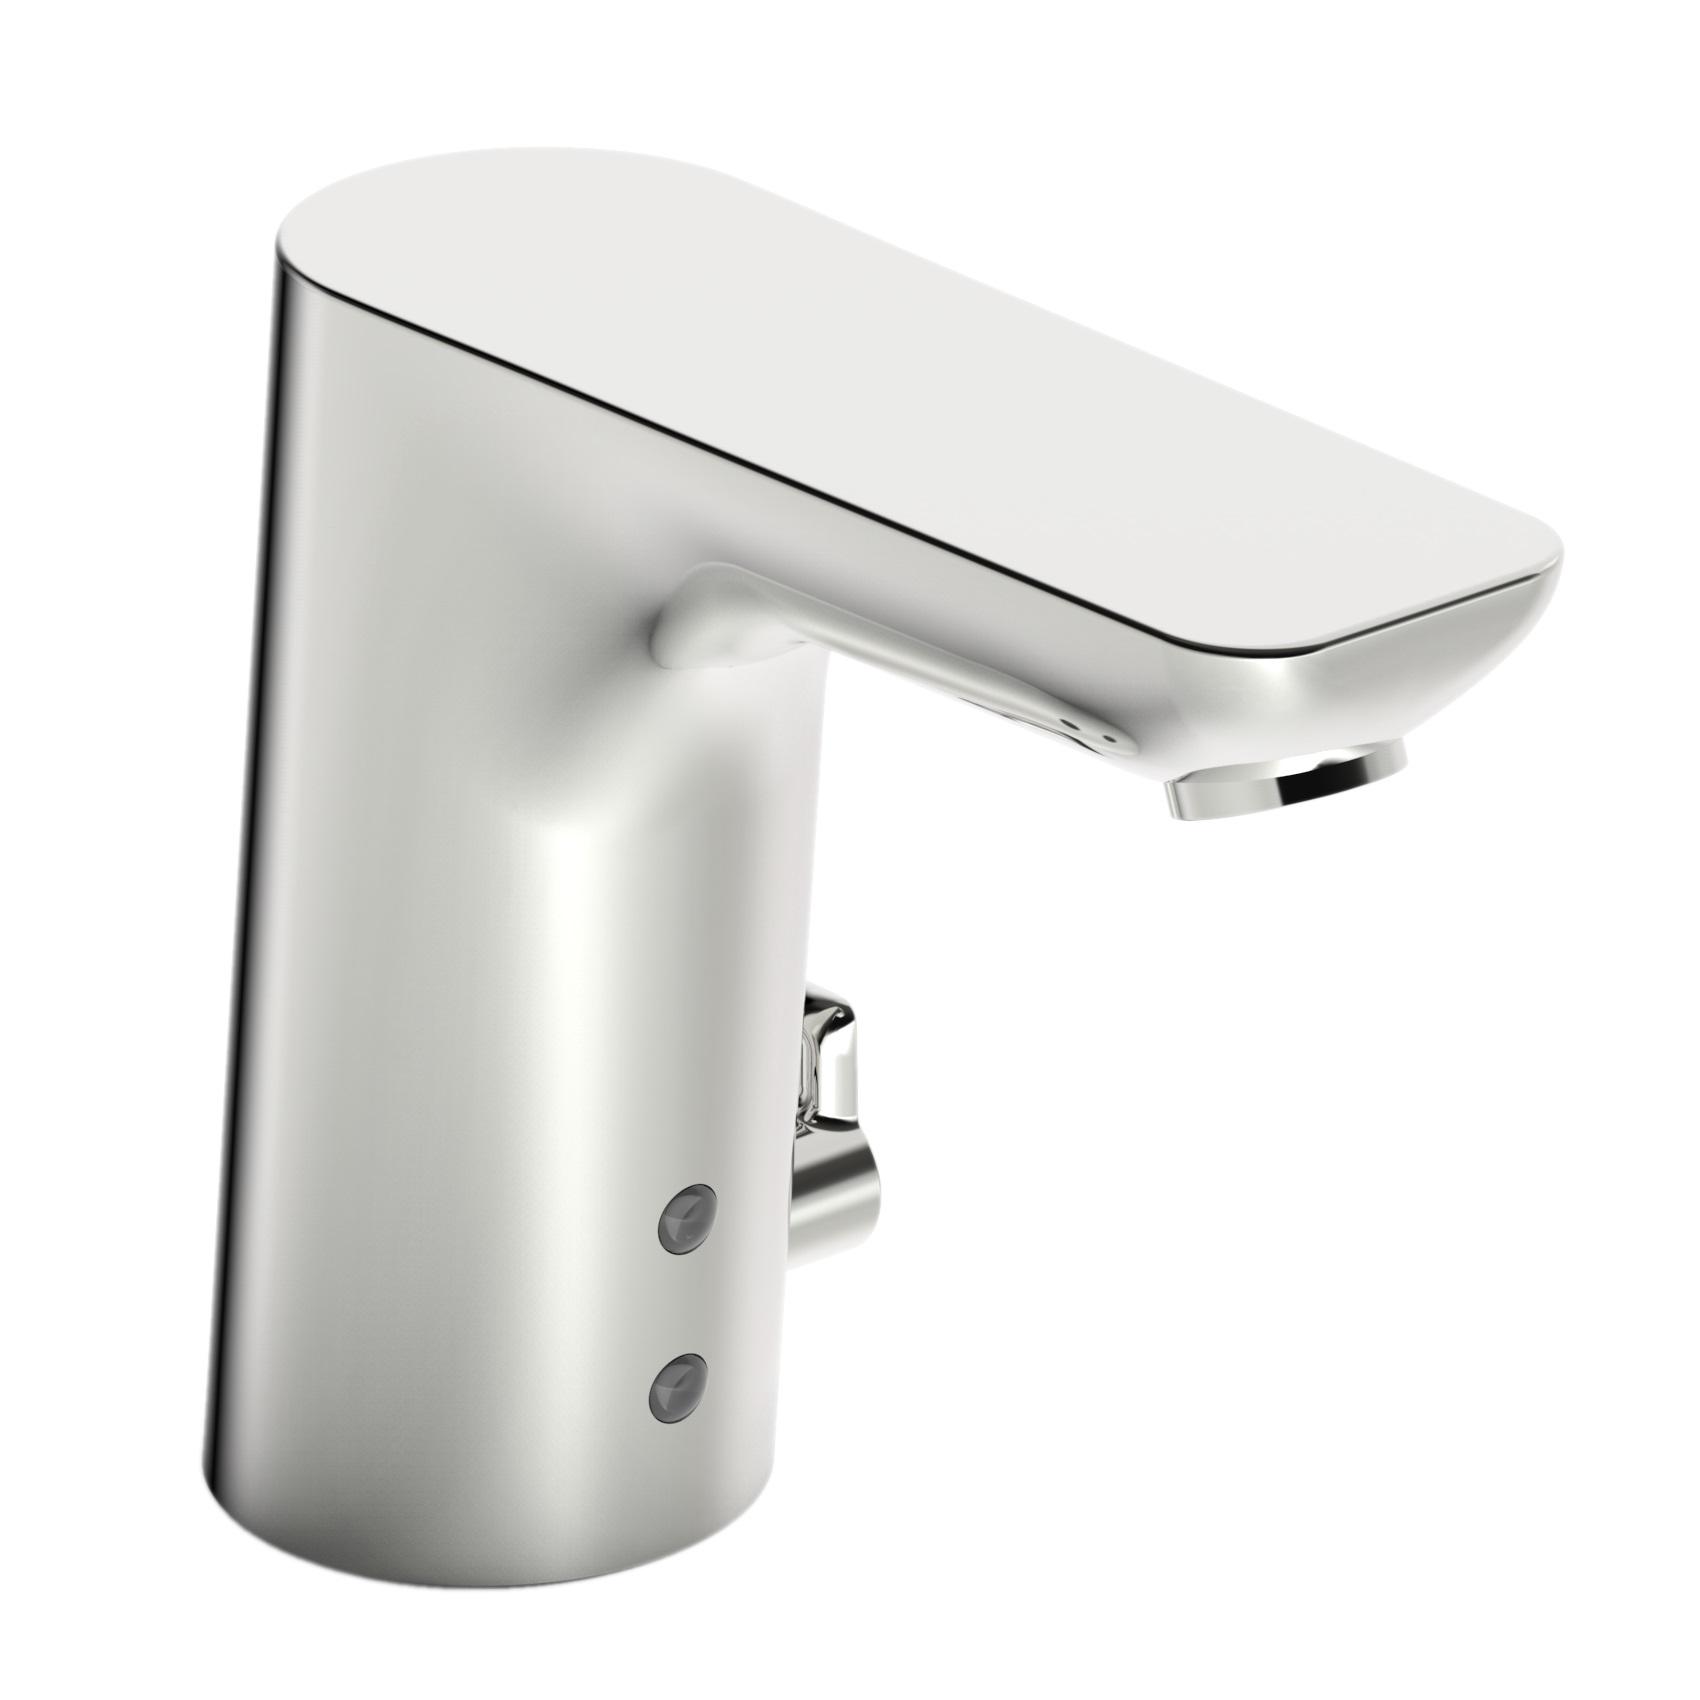 Tvättställsblandare Oras Electra 6151FZ med Bluetooth Beröringsfri